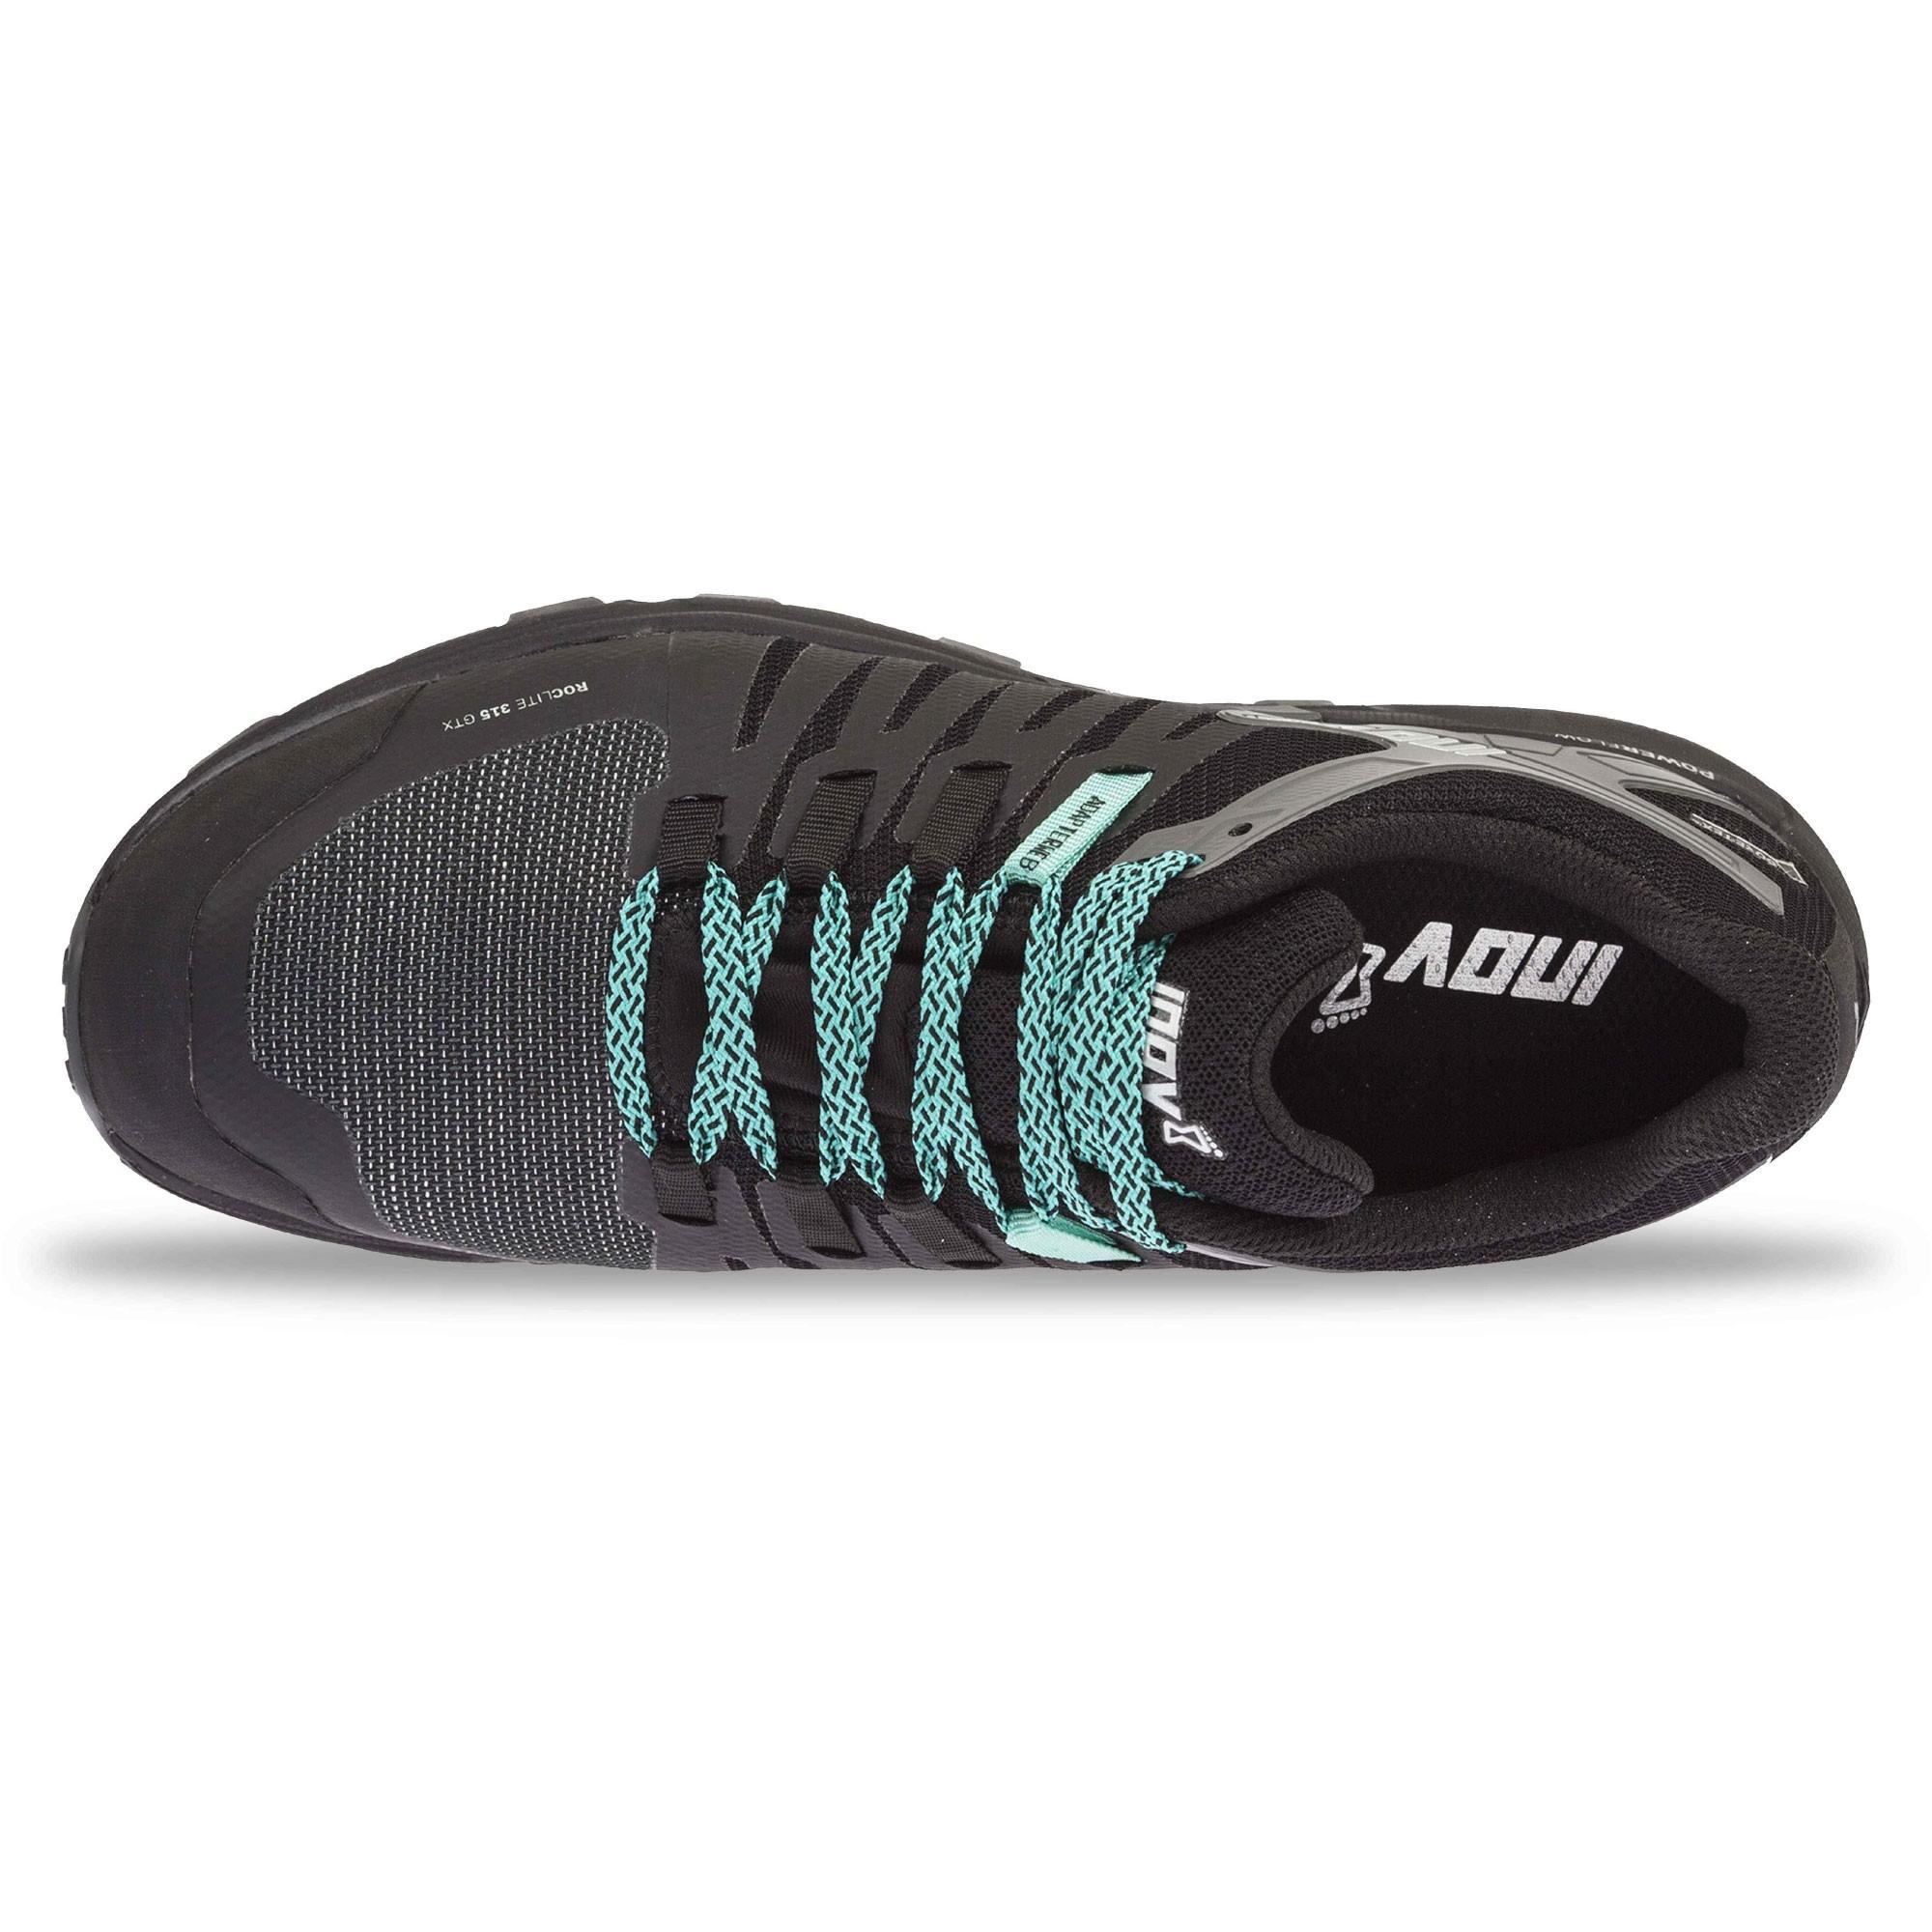 INOV8 Roclite 315 GTX Waterproof Running Shoes - Black/Teal